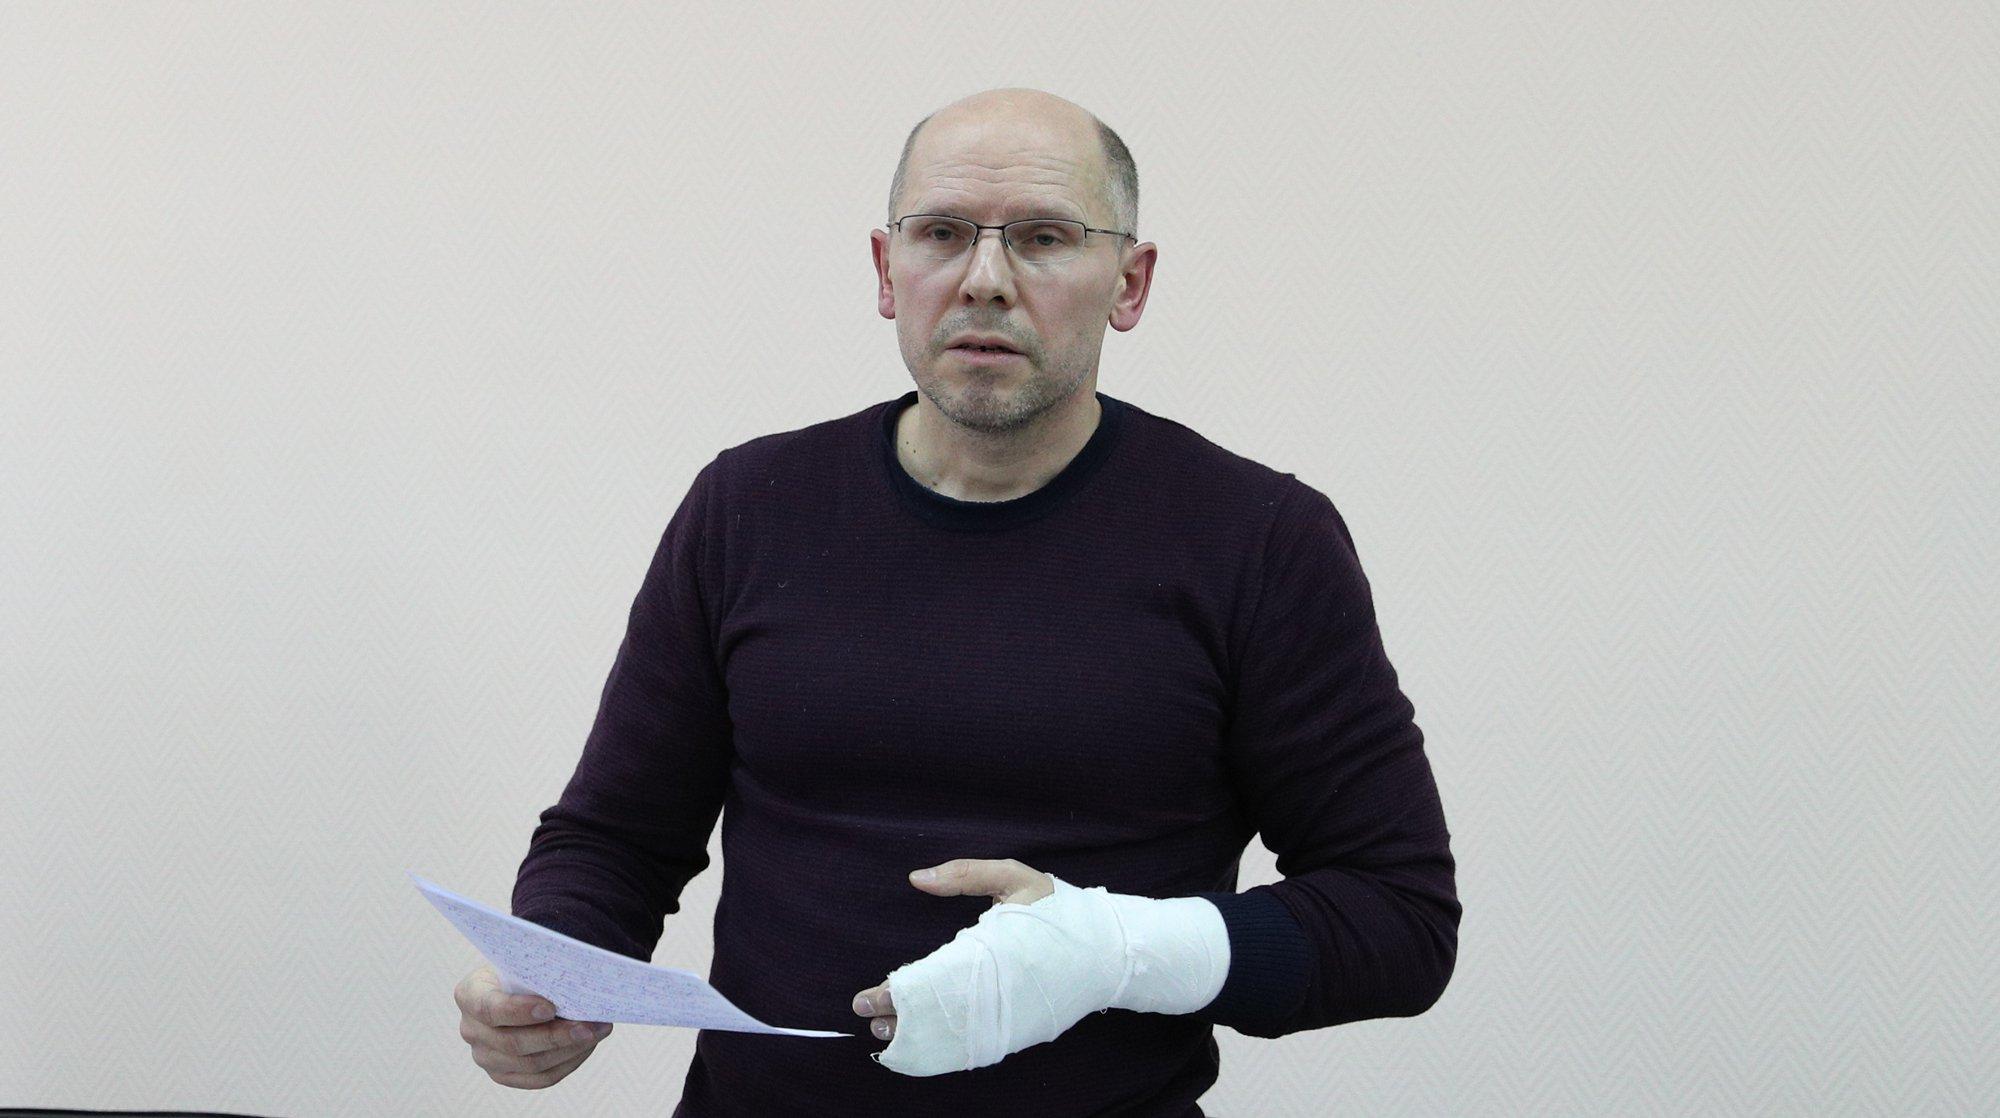 «Онсидит вкамере суголовниками инаркоманами»— Коллега Игоря Рудникова